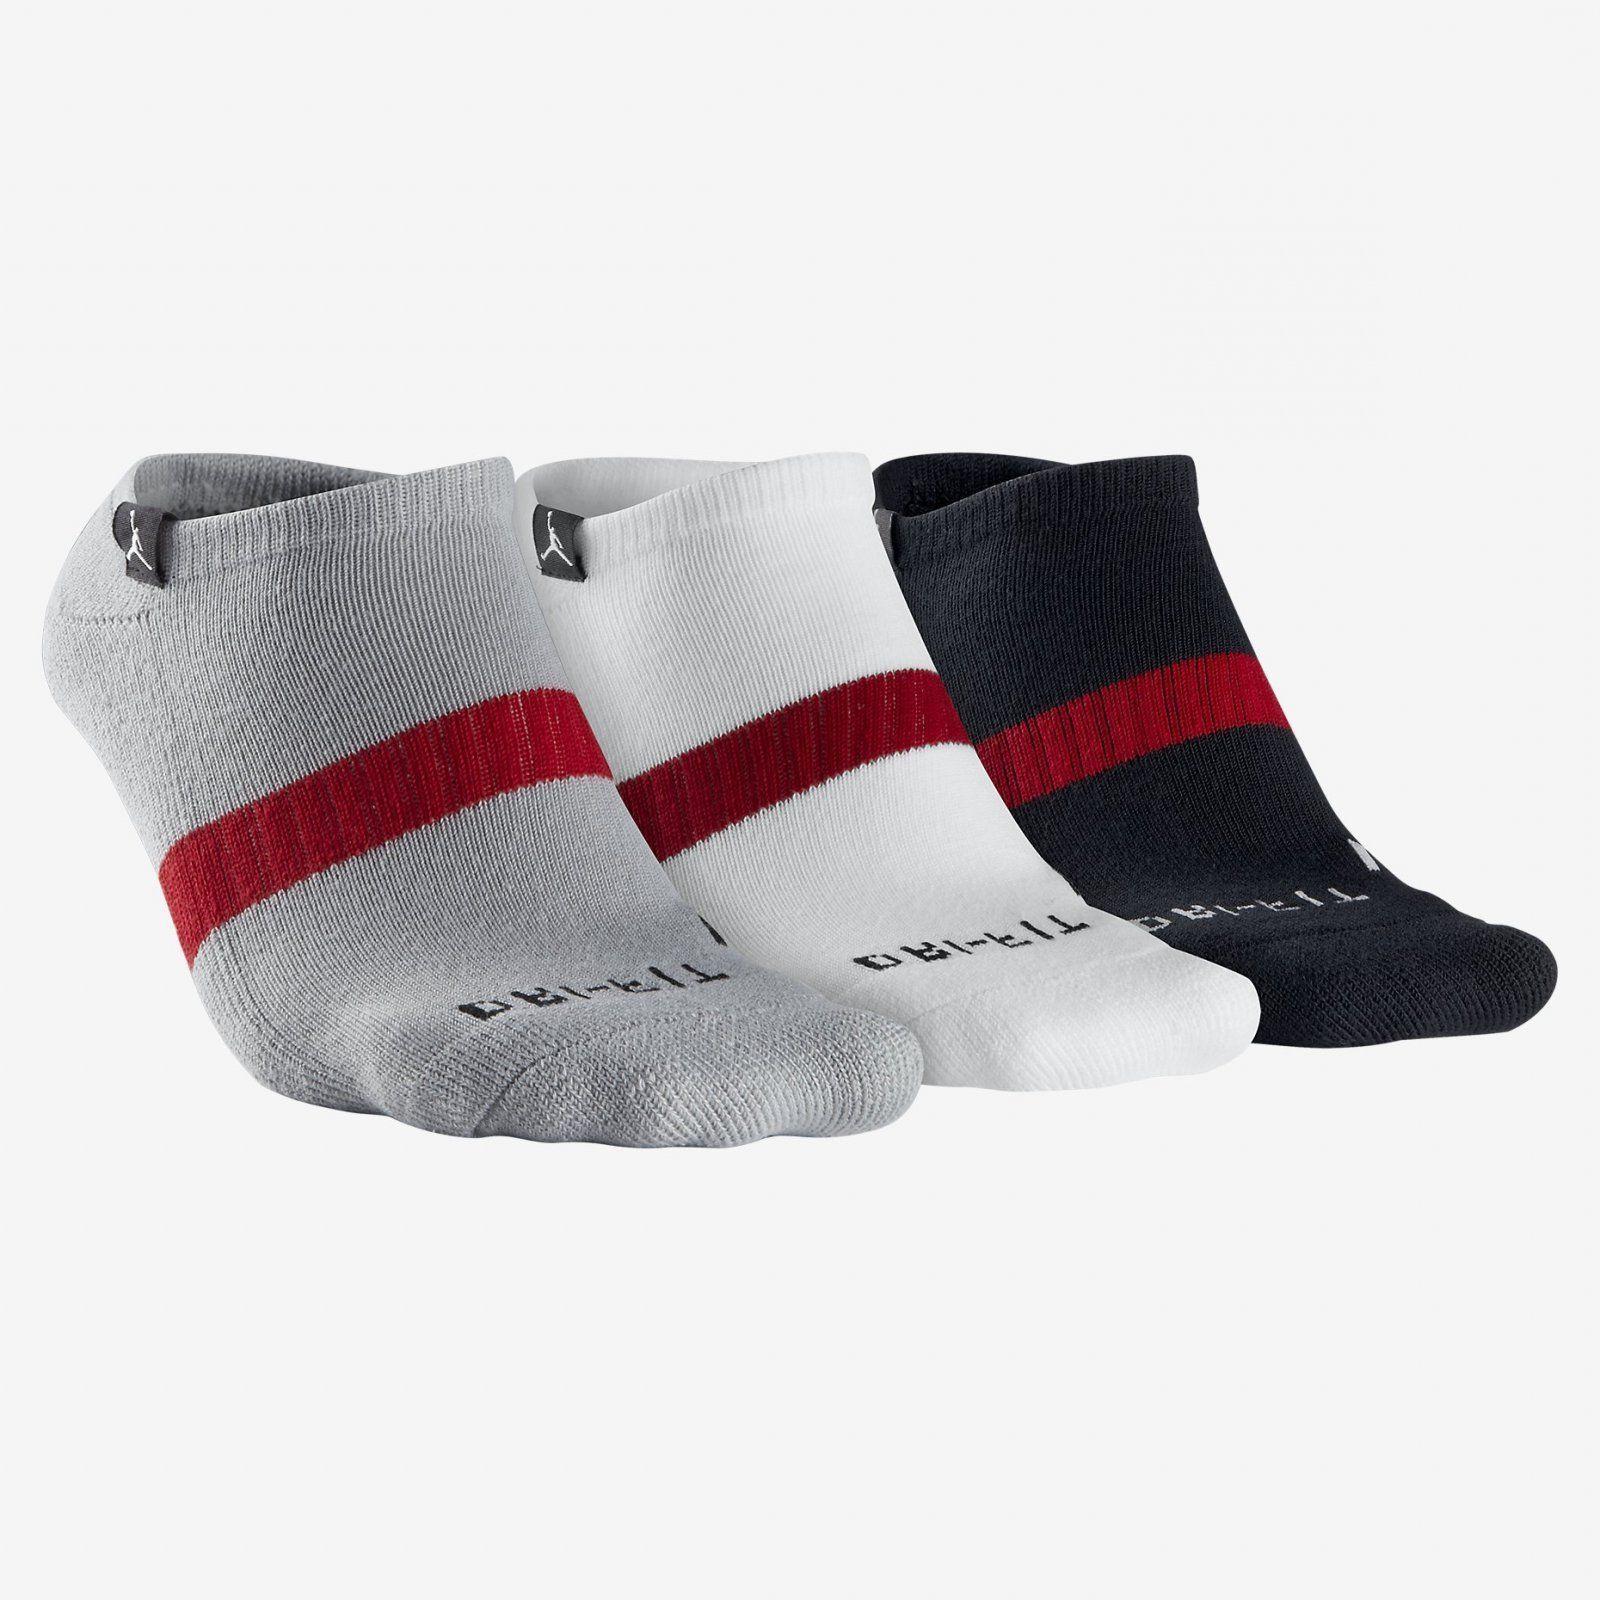 dri fit low black red socks 3